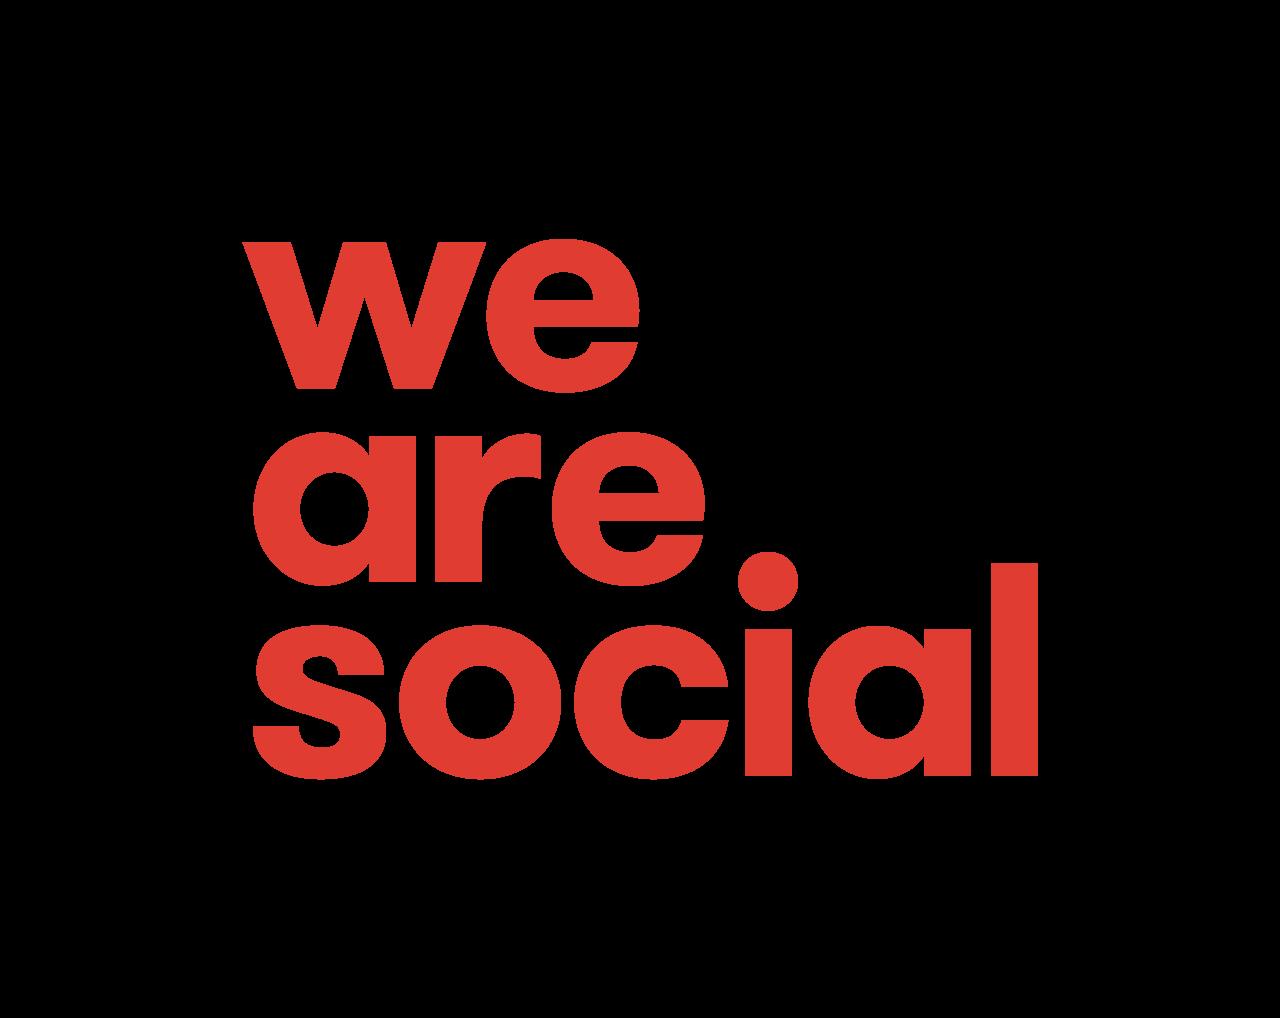 La revue du lundi par We Are Social #192 - We Are Social France